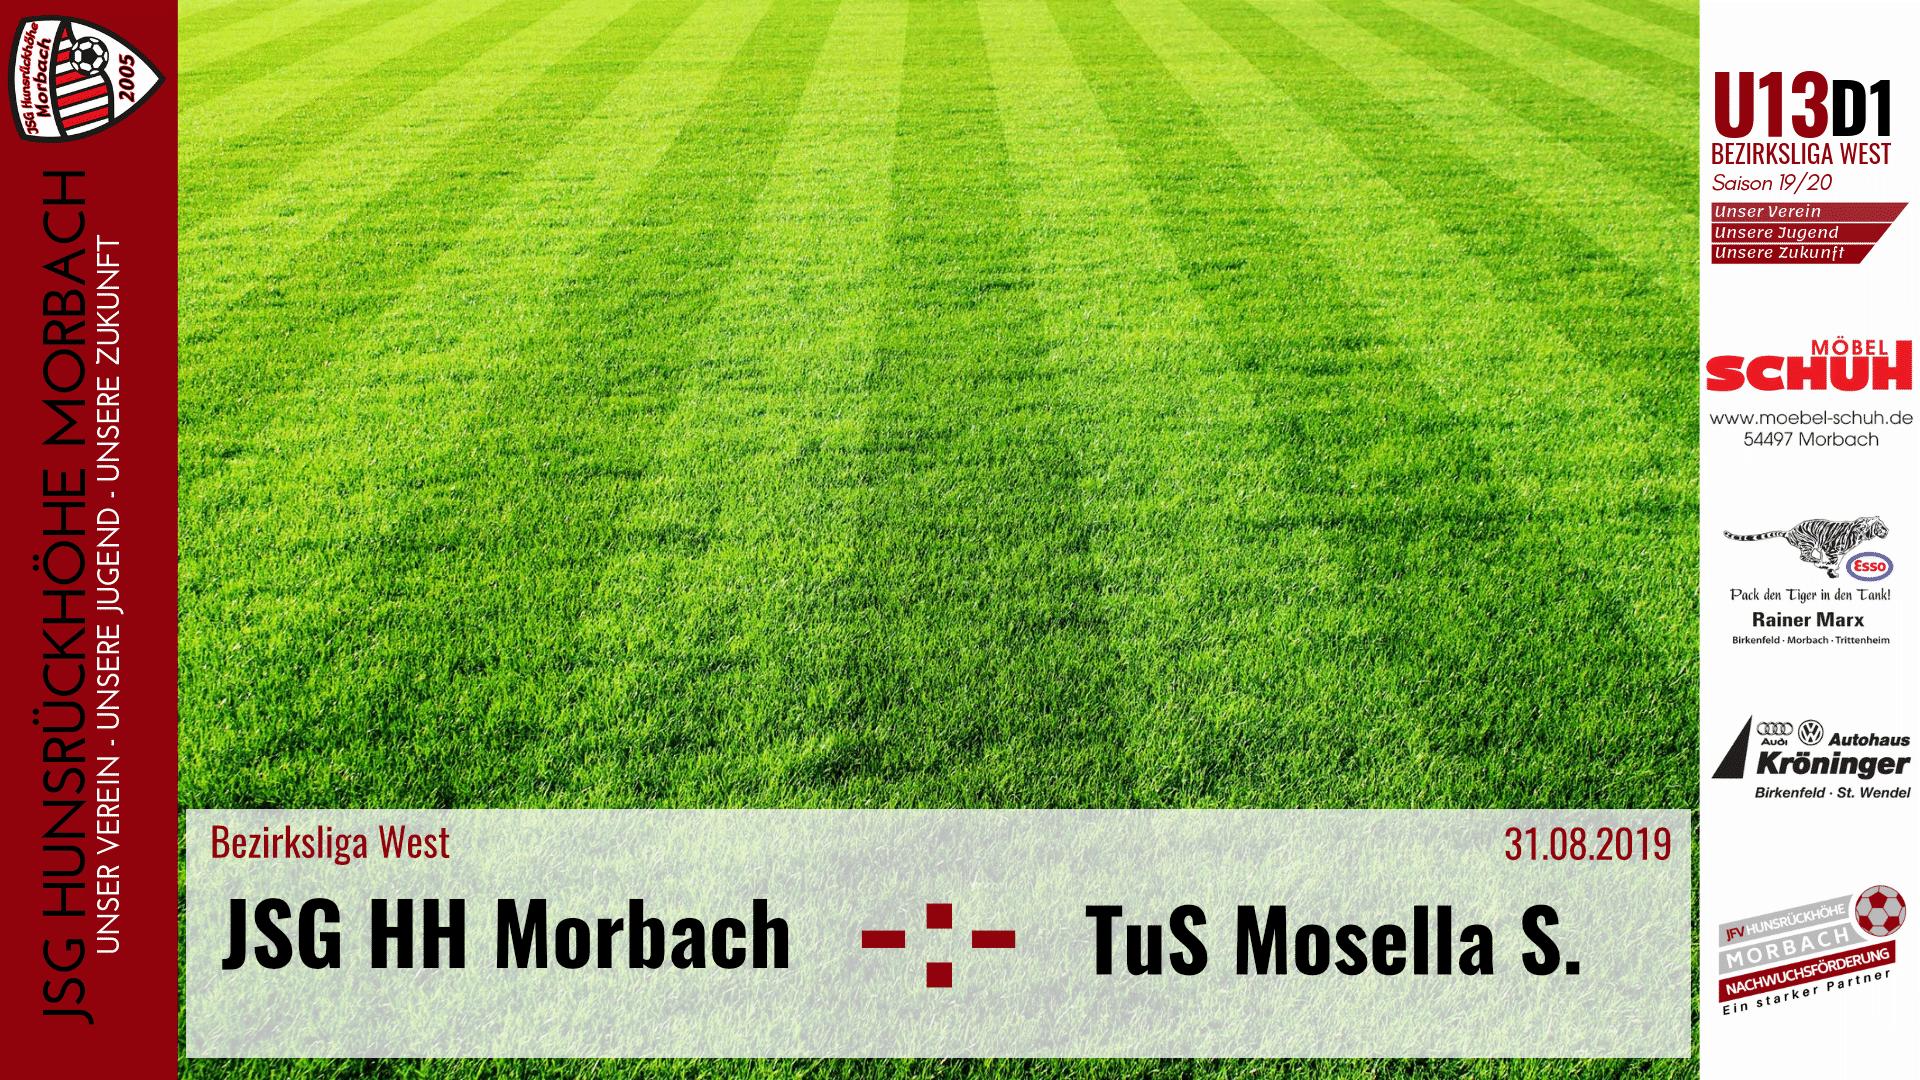 U13 D1: Vorbericht ~ JSG Hunsrückhöhe Morbach – TuS Mosella Schweich I ~ Sa., 31.08.2019 11:00 Uhr